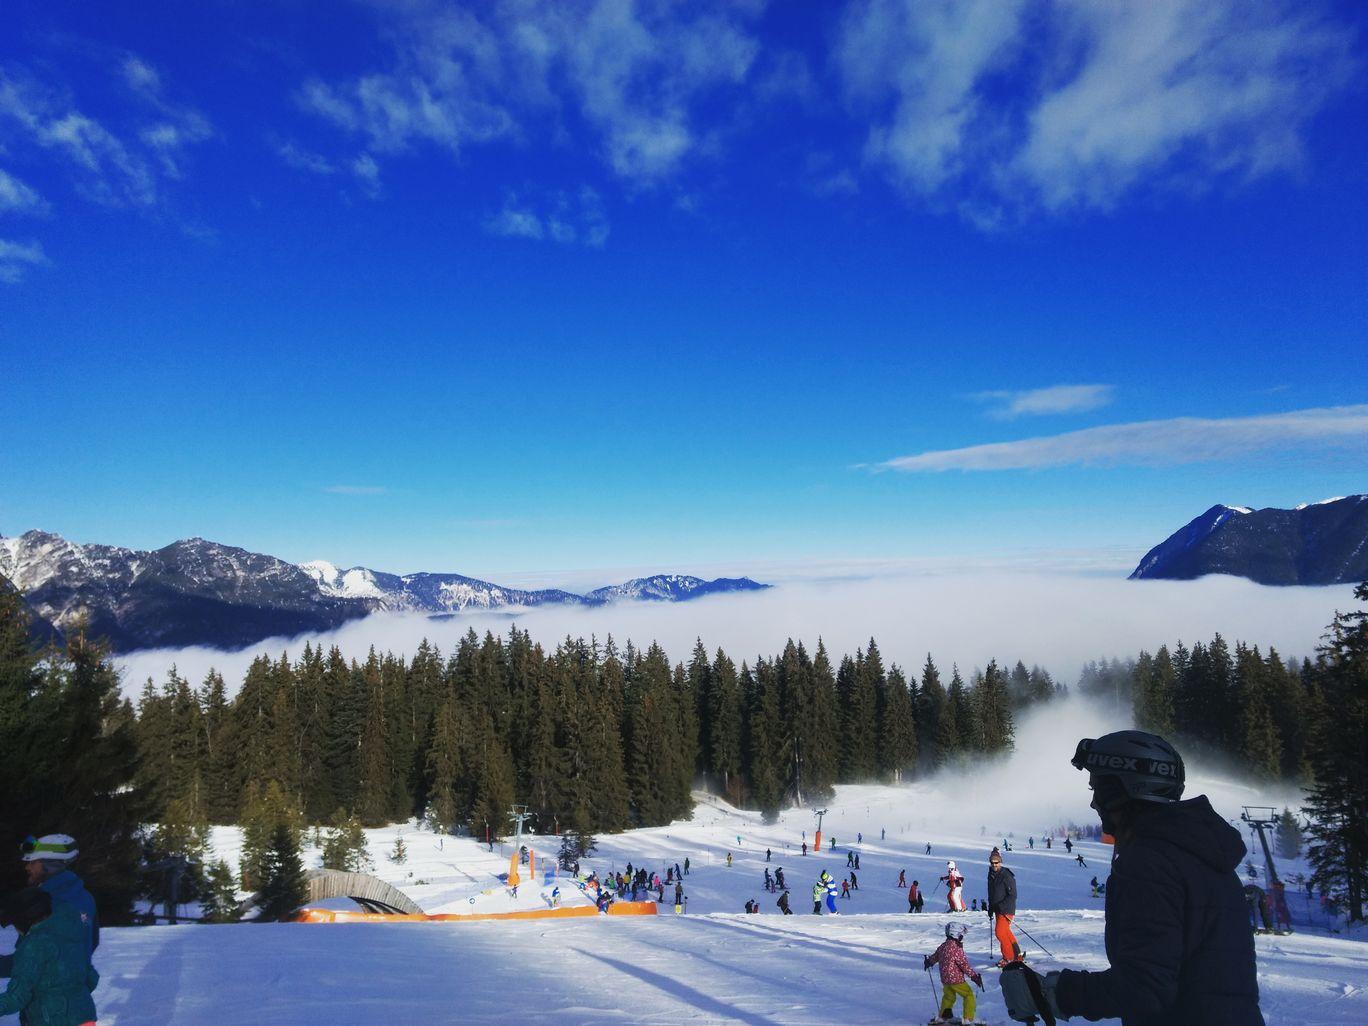 Photo of Garmisch-Partenkirchen By Jyotsna Singh